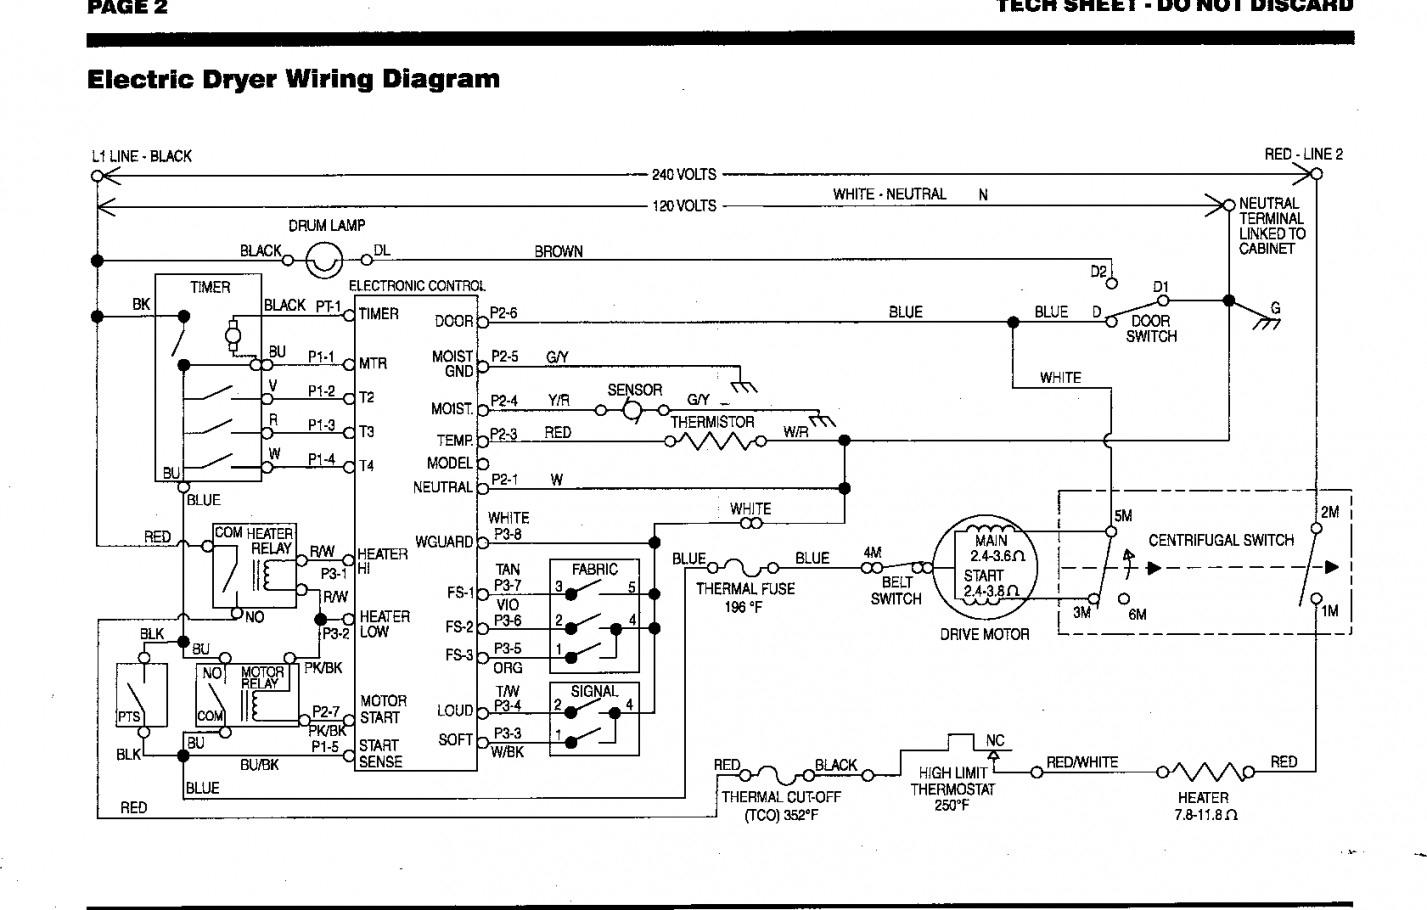 Dryer Schematic | Wiring Diagram - Kenmore Dryer Wiring Diagram